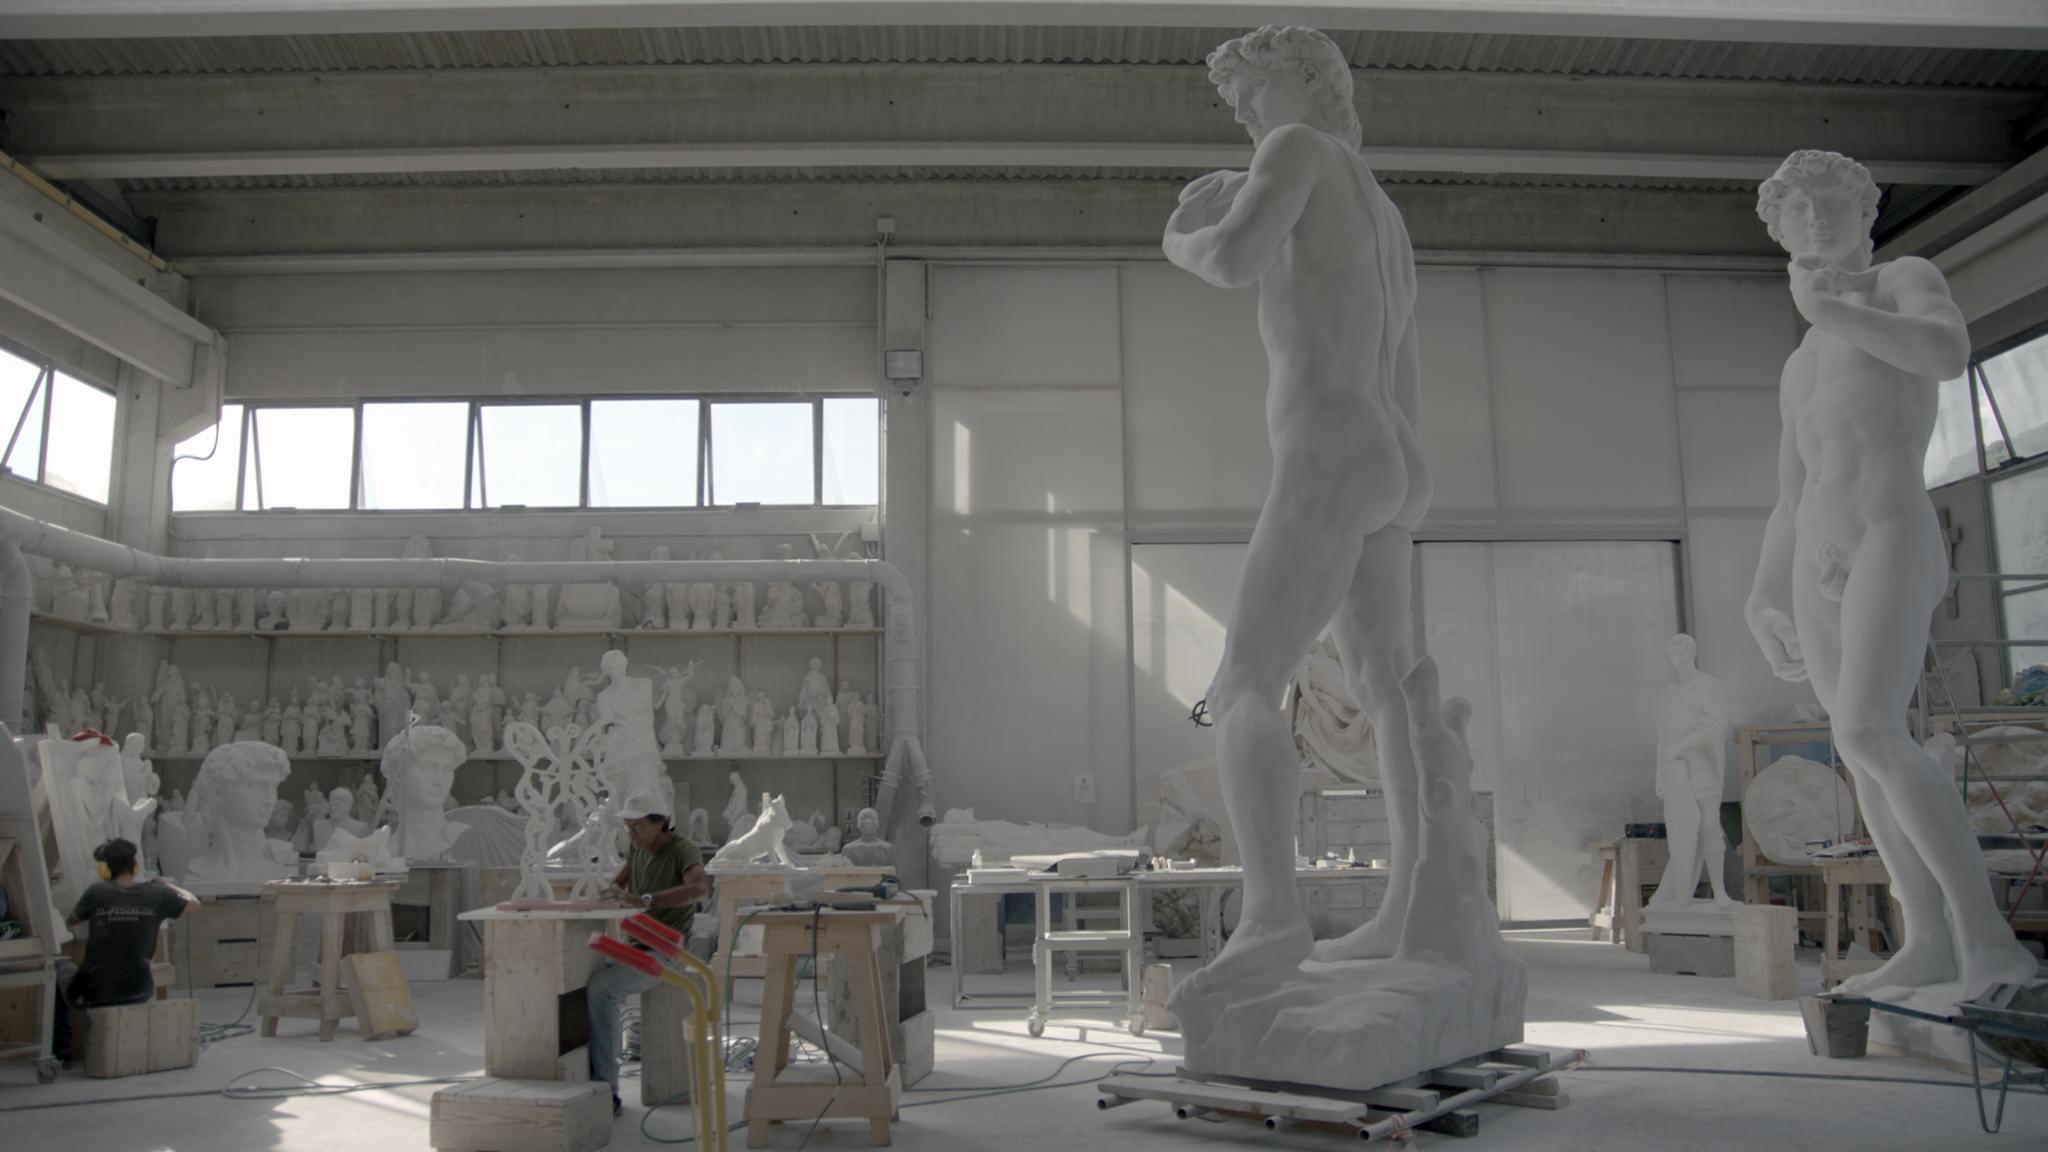 Lavorazione del marmo a Carrara. Film Still